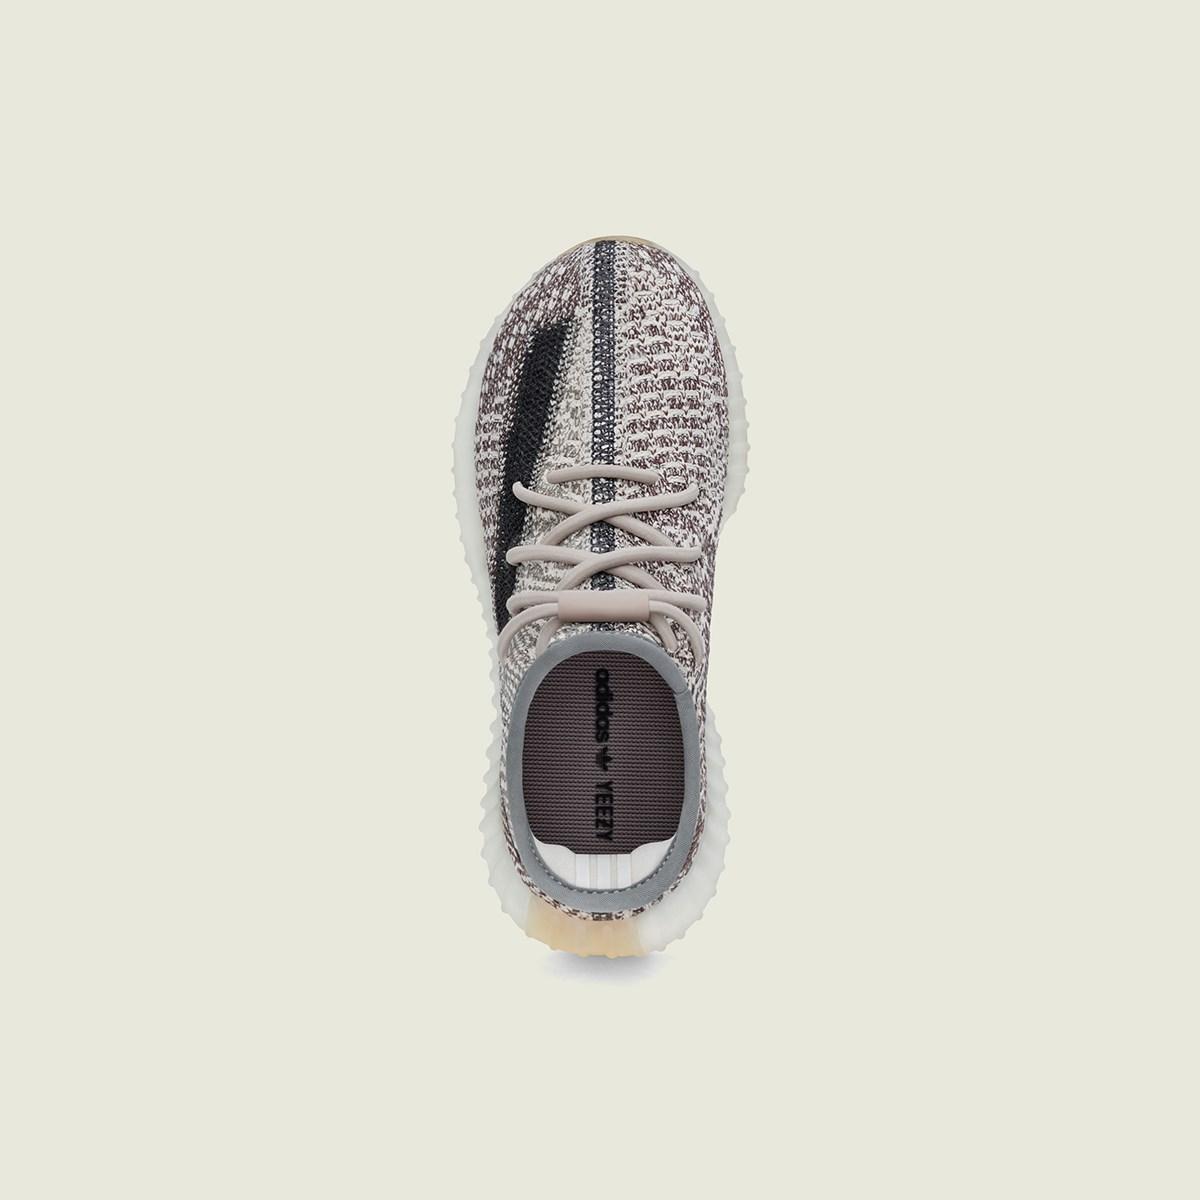 adidas Yeezy Boost 350 V2 Zyon Kids - Fz1283 - Sneakersnstuff | sneakers & streetwear online since 1999